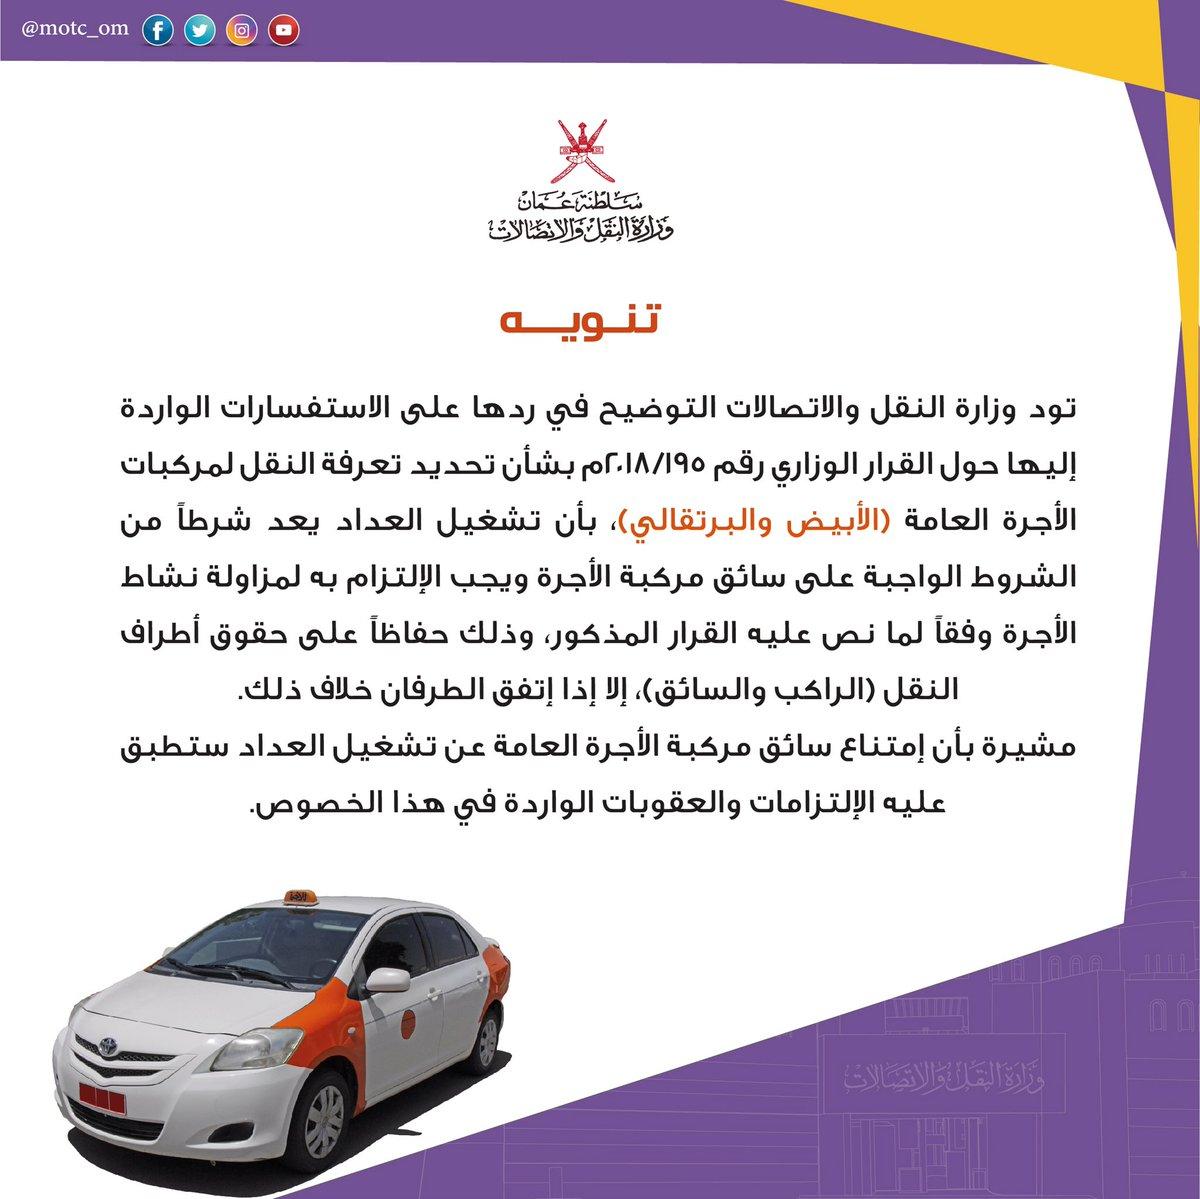 تنويه من وزارة النقل والاتصالات بشأن تحديد تعرفة النقل لمركبات الأجرة العامة